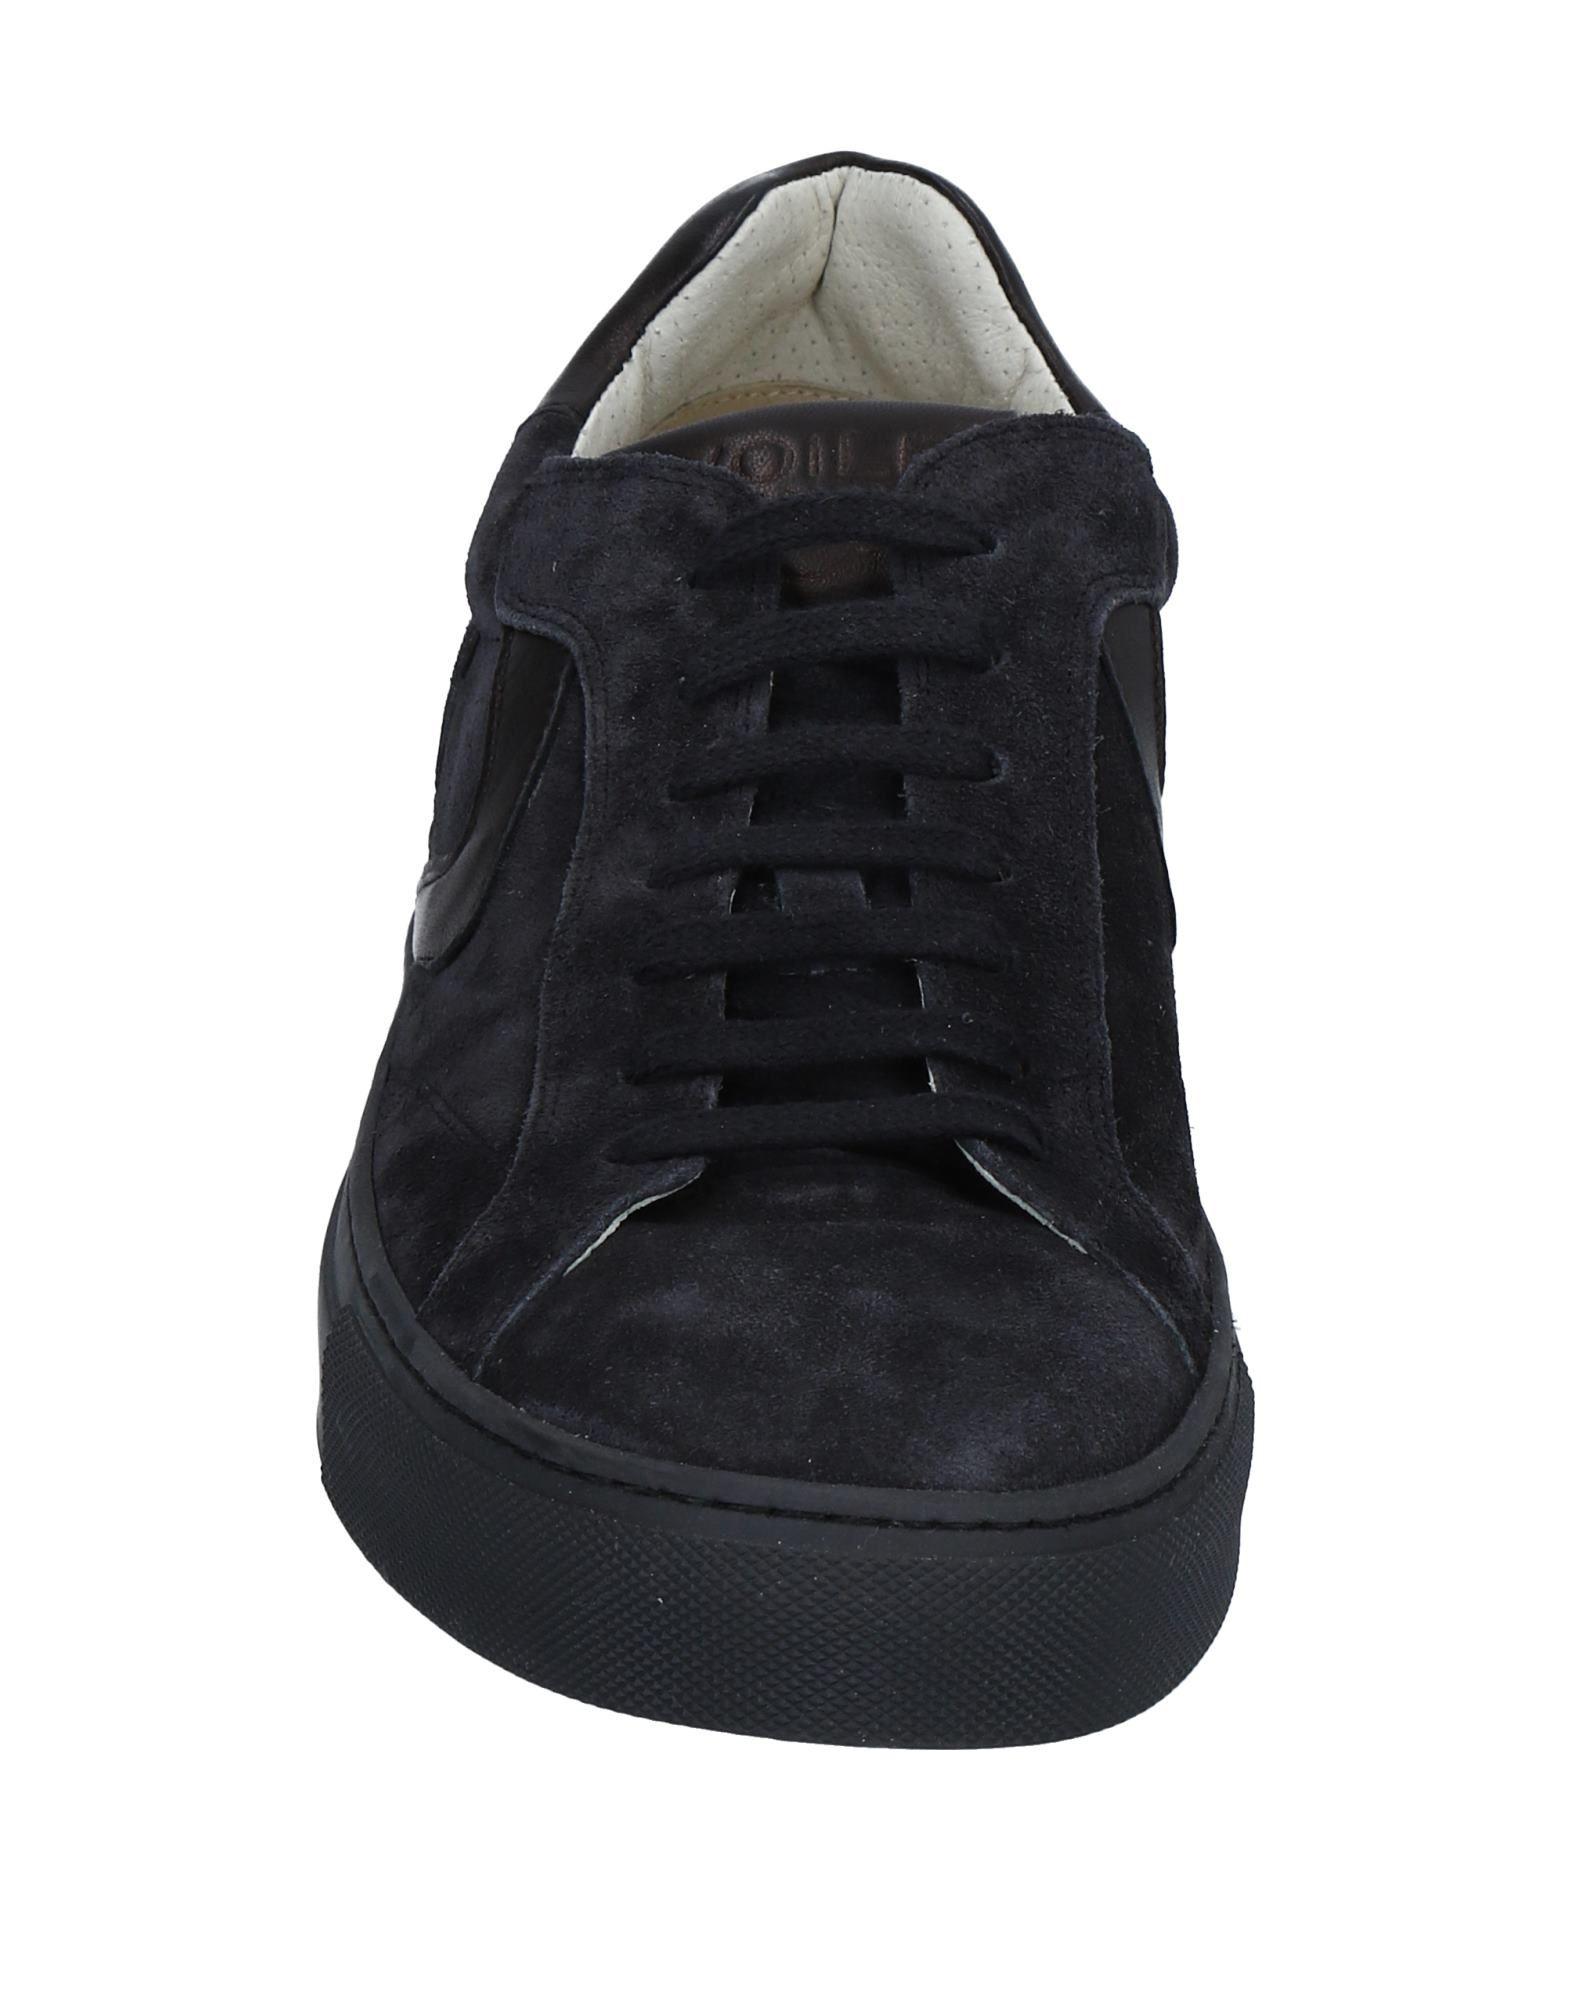 Voile 11534692FM Blanche Sneakers Herren  11534692FM Voile Gute Qualität beliebte Schuhe 1b55aa